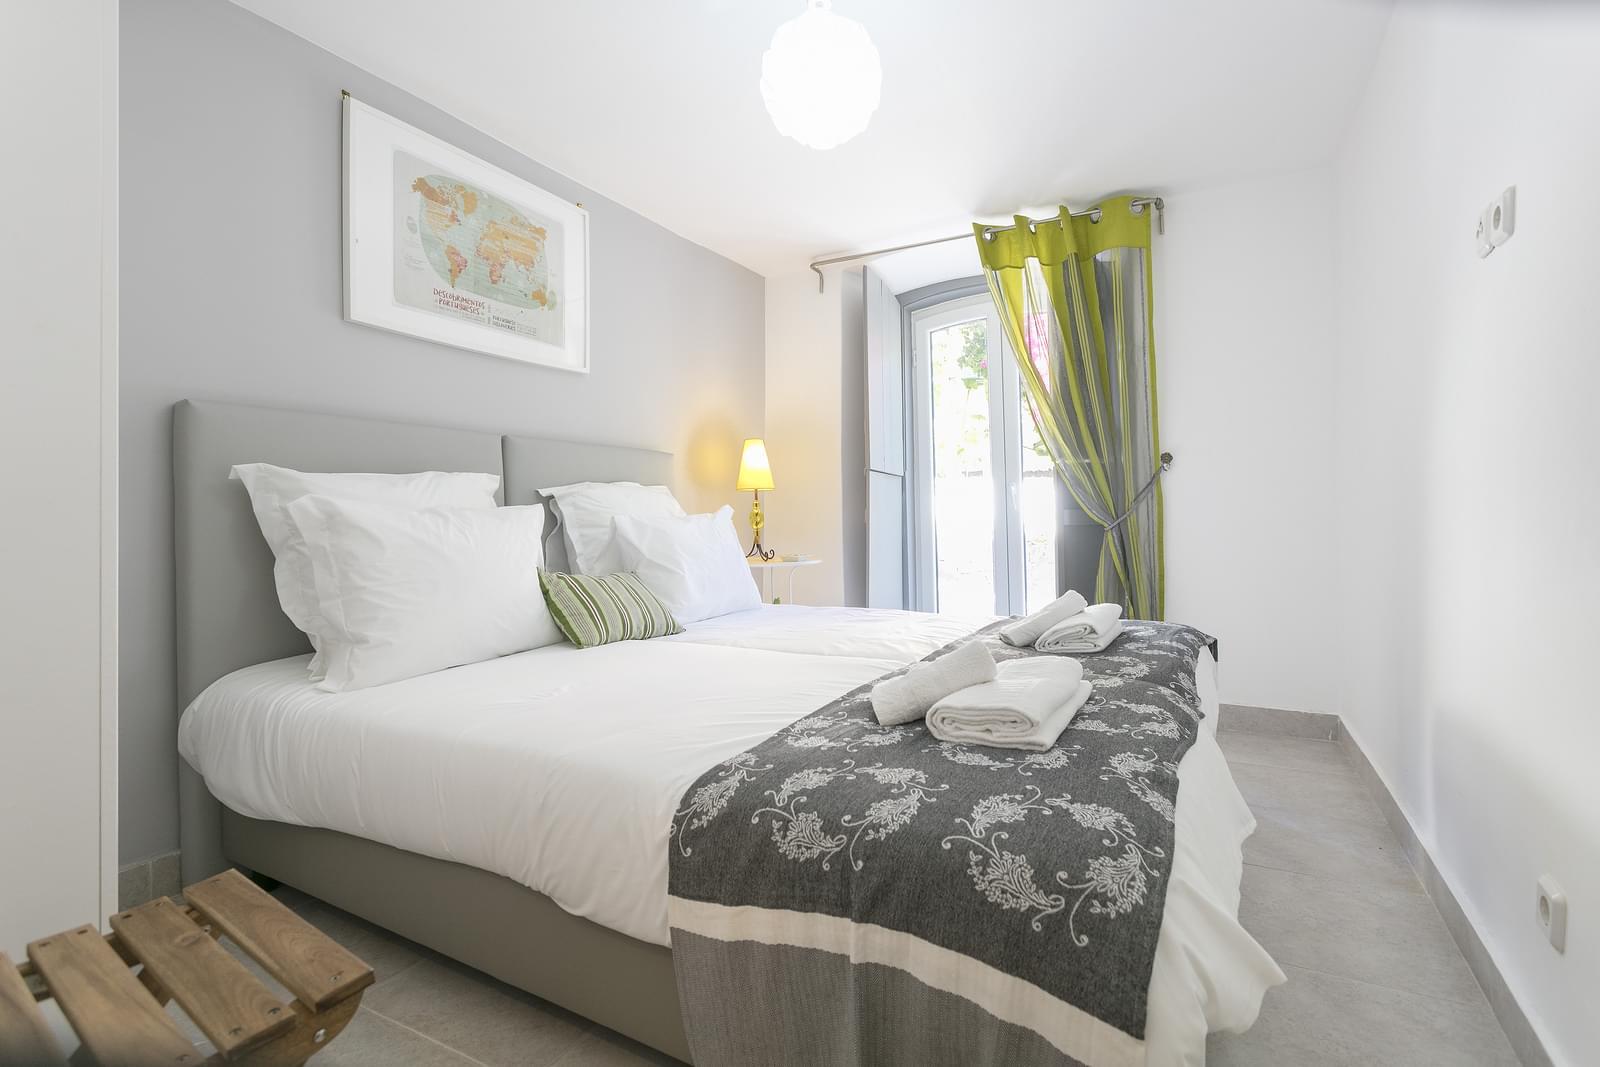 pf16716-apartamento-t2-3-lisboa-a5df202e-b872-4518-b873-2172dfab88b4